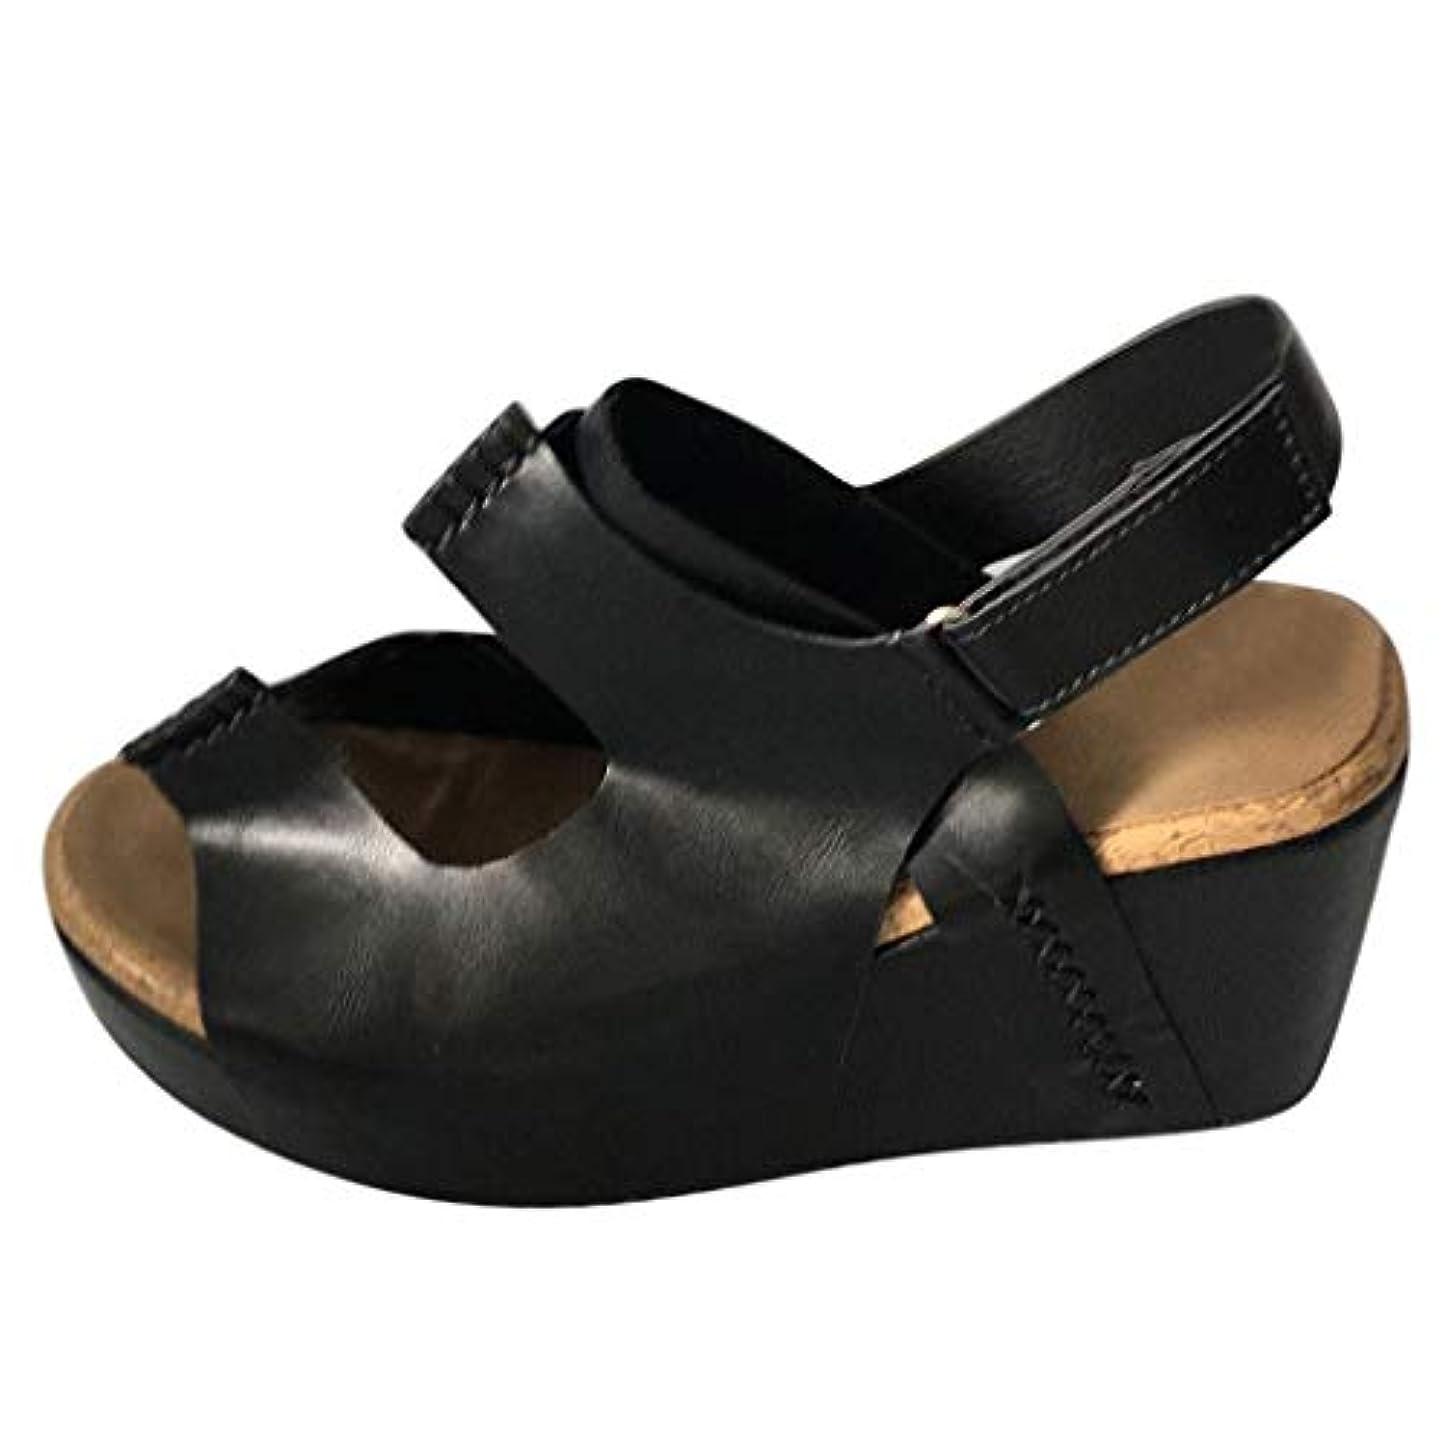 バリケード傷跡無駄なレディース サンダル Foreted ウェッジサンダル ファッション 厚底靴 レトロ ウェッジソール カジュアル 室内 日常 歩きやすい 美脚 ブラック ブラウン カーキ